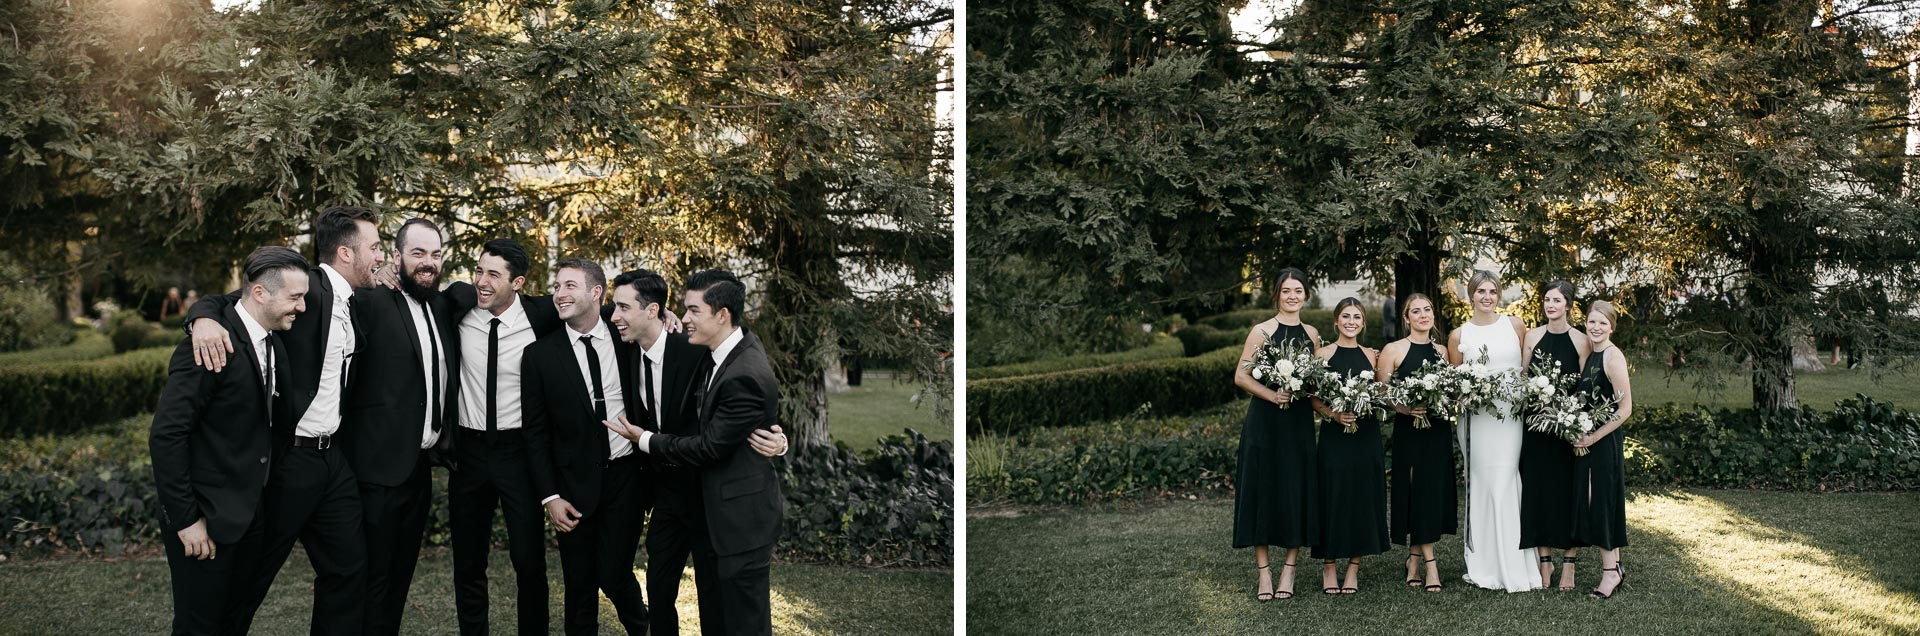 lauren_graham_wedding_california_park_winters_jeanlaurentgaudy_mix019